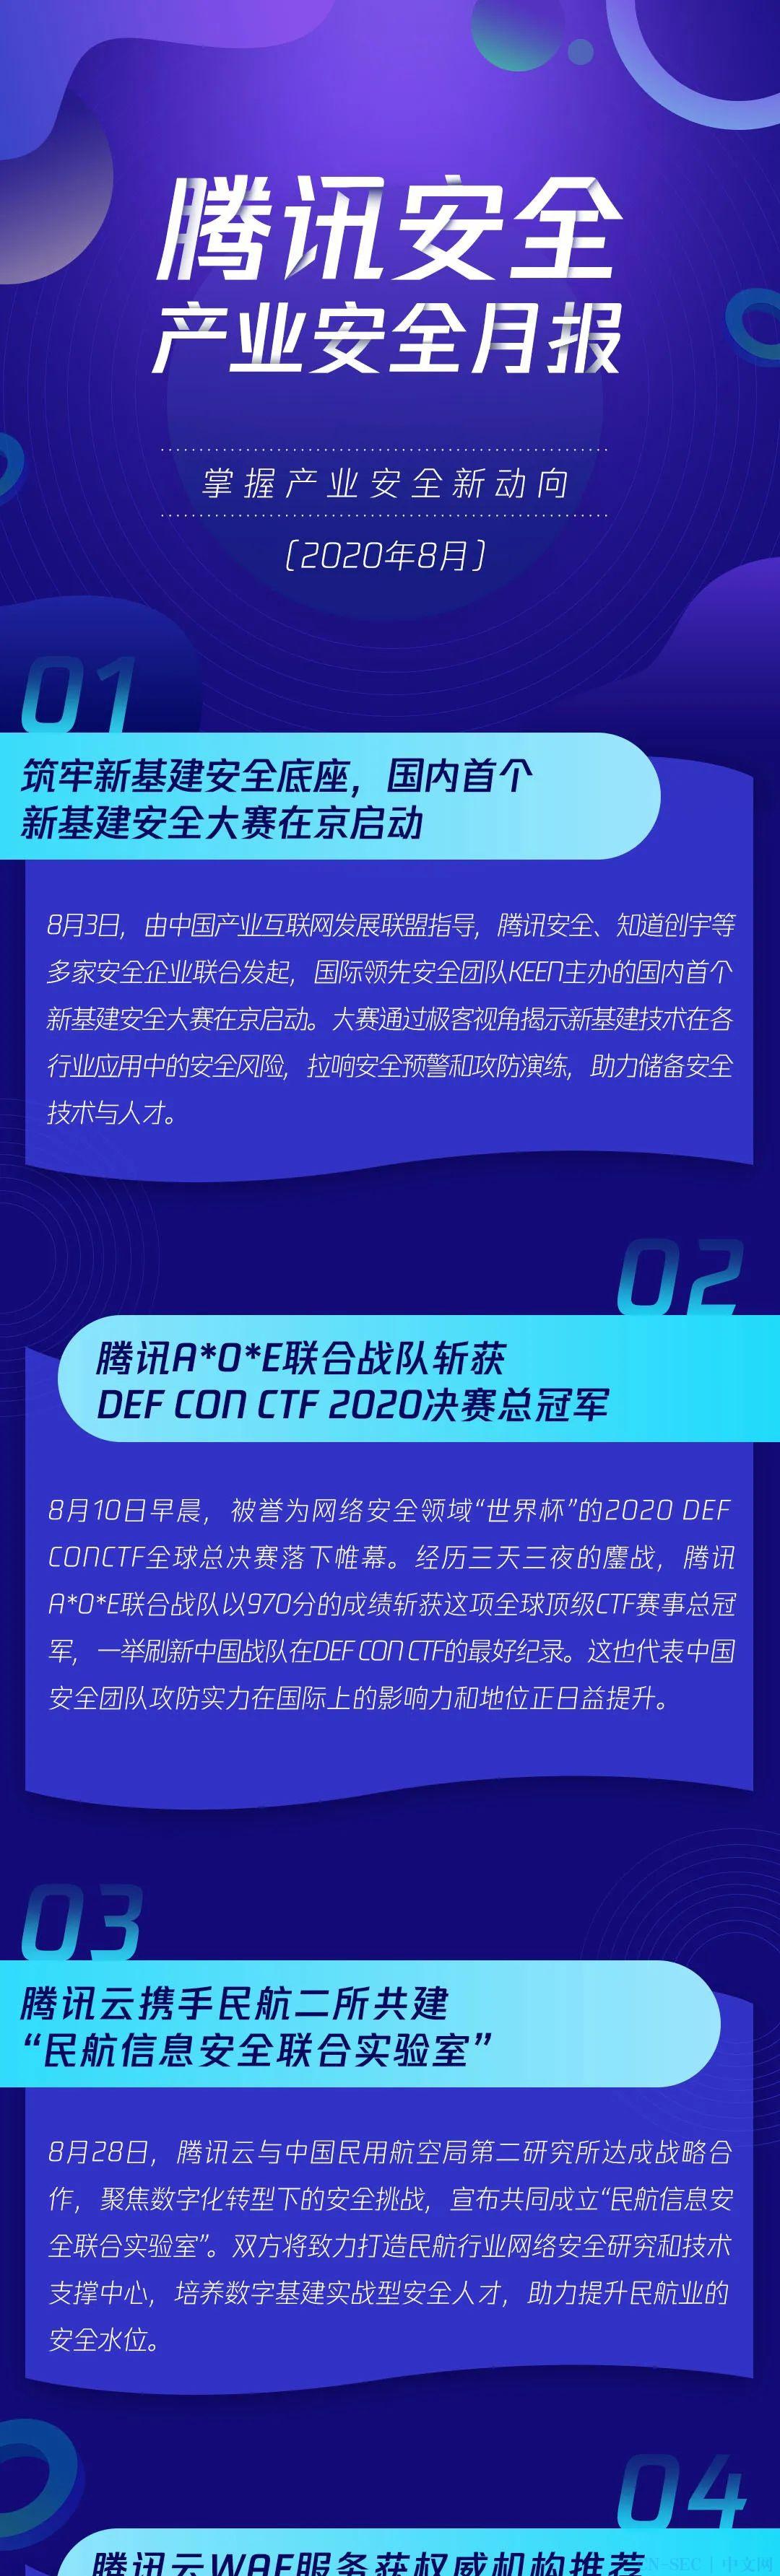 腾讯安全月报丨腾讯战队DEF CON CTF夺冠、国内首个新基建安全大赛启动、民航信息安全联合实验室成立……